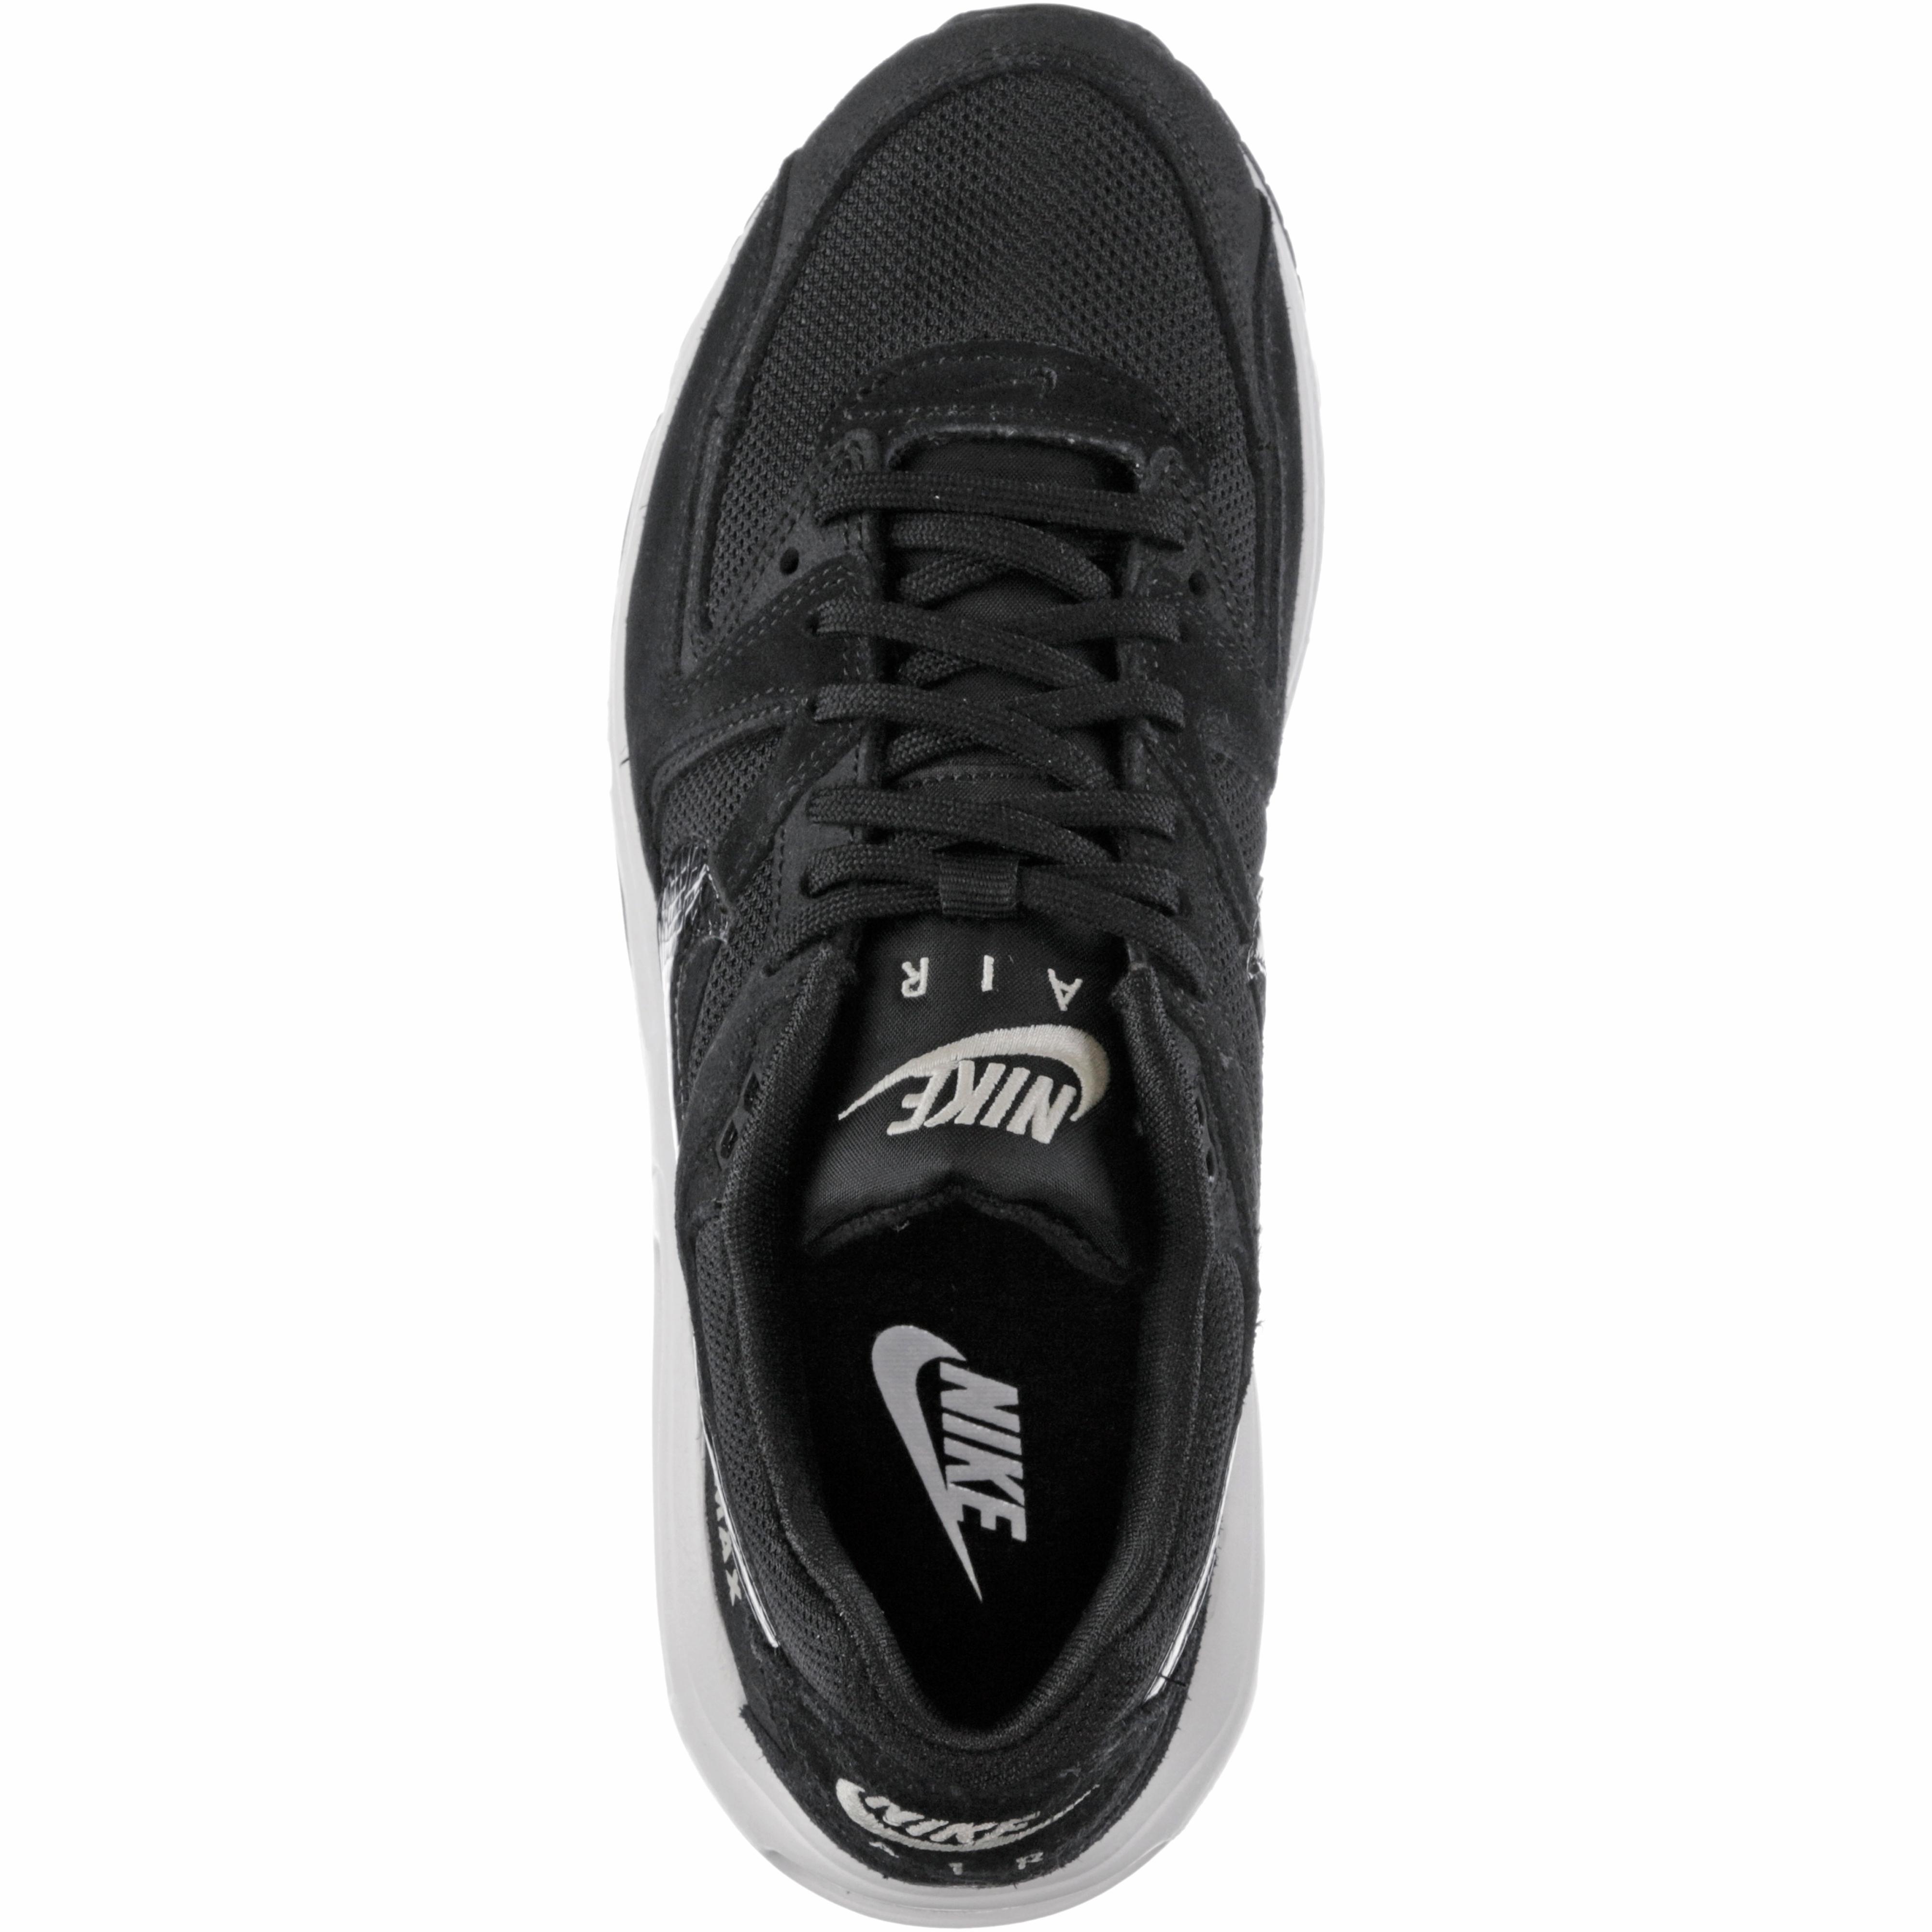 Nike WMNS Air Max Command Command Command Turnschuhe Damen schwarz-schwarz im Online Shop von SportScheck kaufen Gute Qualität beliebte Schuhe ed78f1